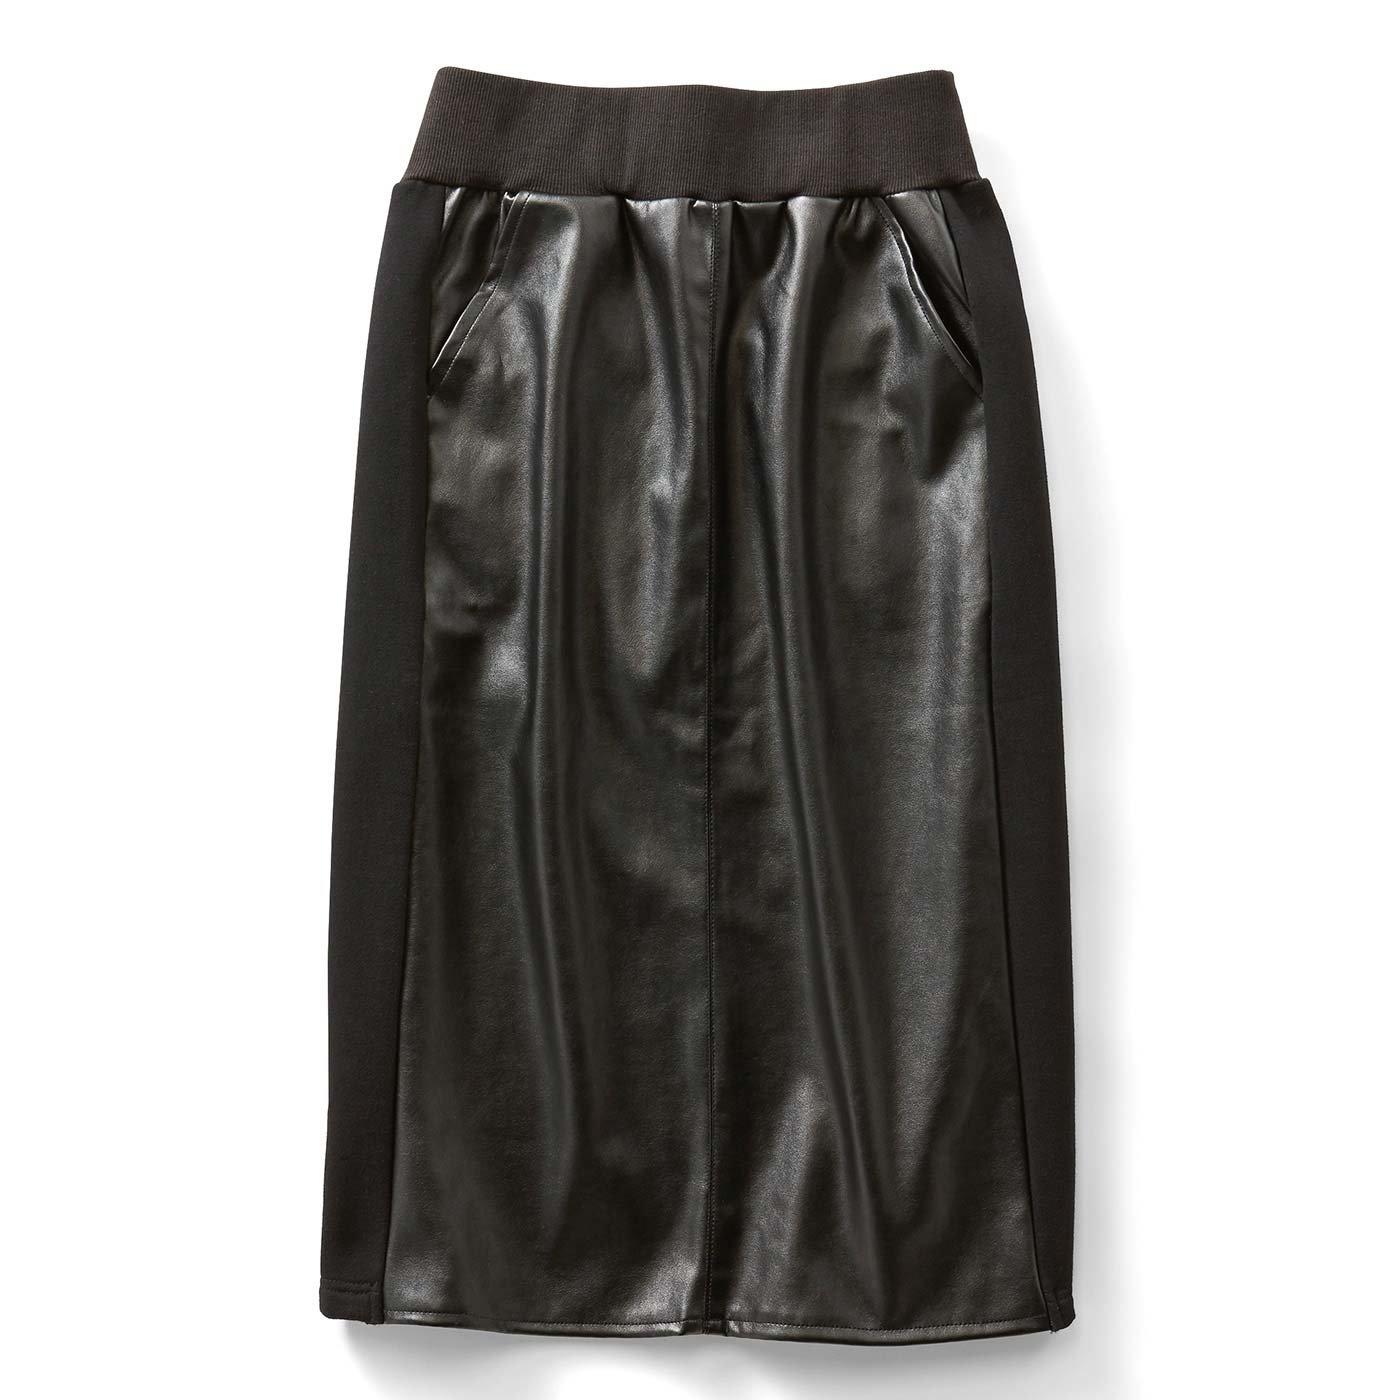 IEDIT フェイクレザーと裏起毛素材のあったかミディタイトスカート〈ブラック〉